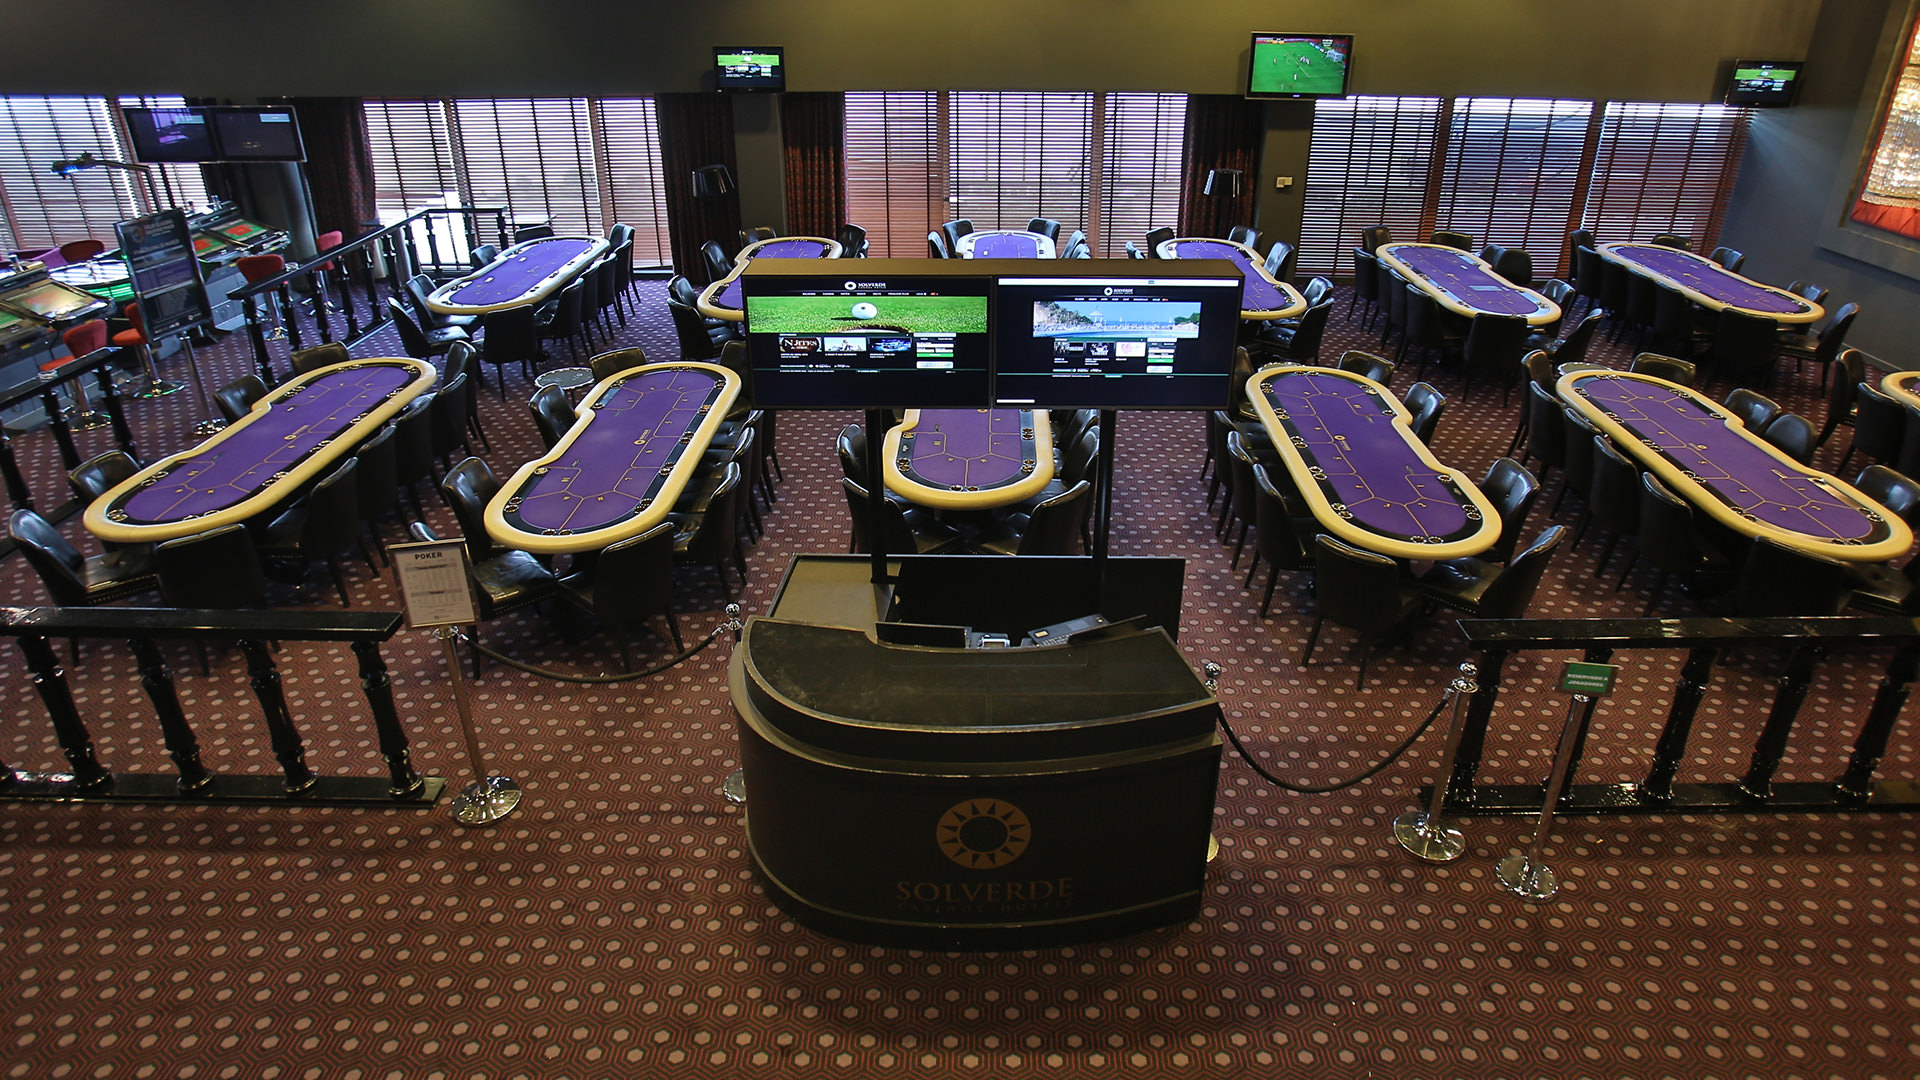 Casino de espinho poker